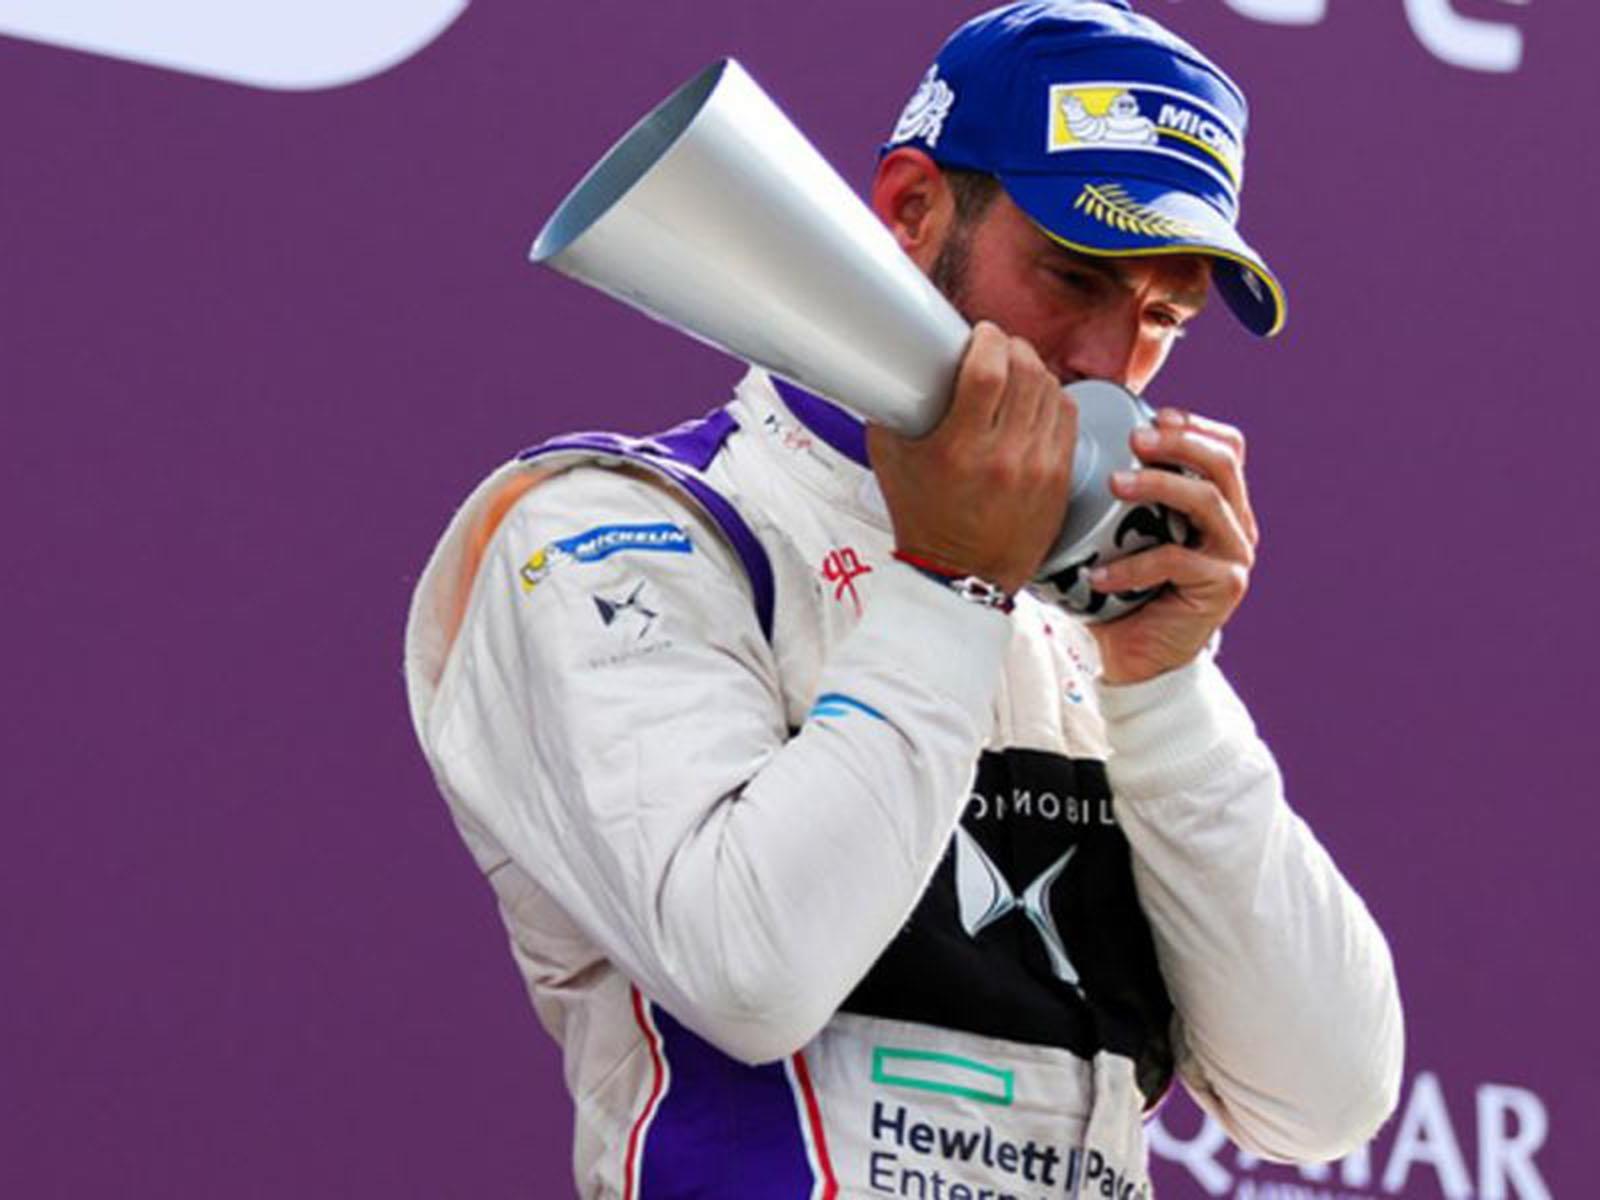 Fórmula E 2017: Pechito logró un podio en el ePrix de París